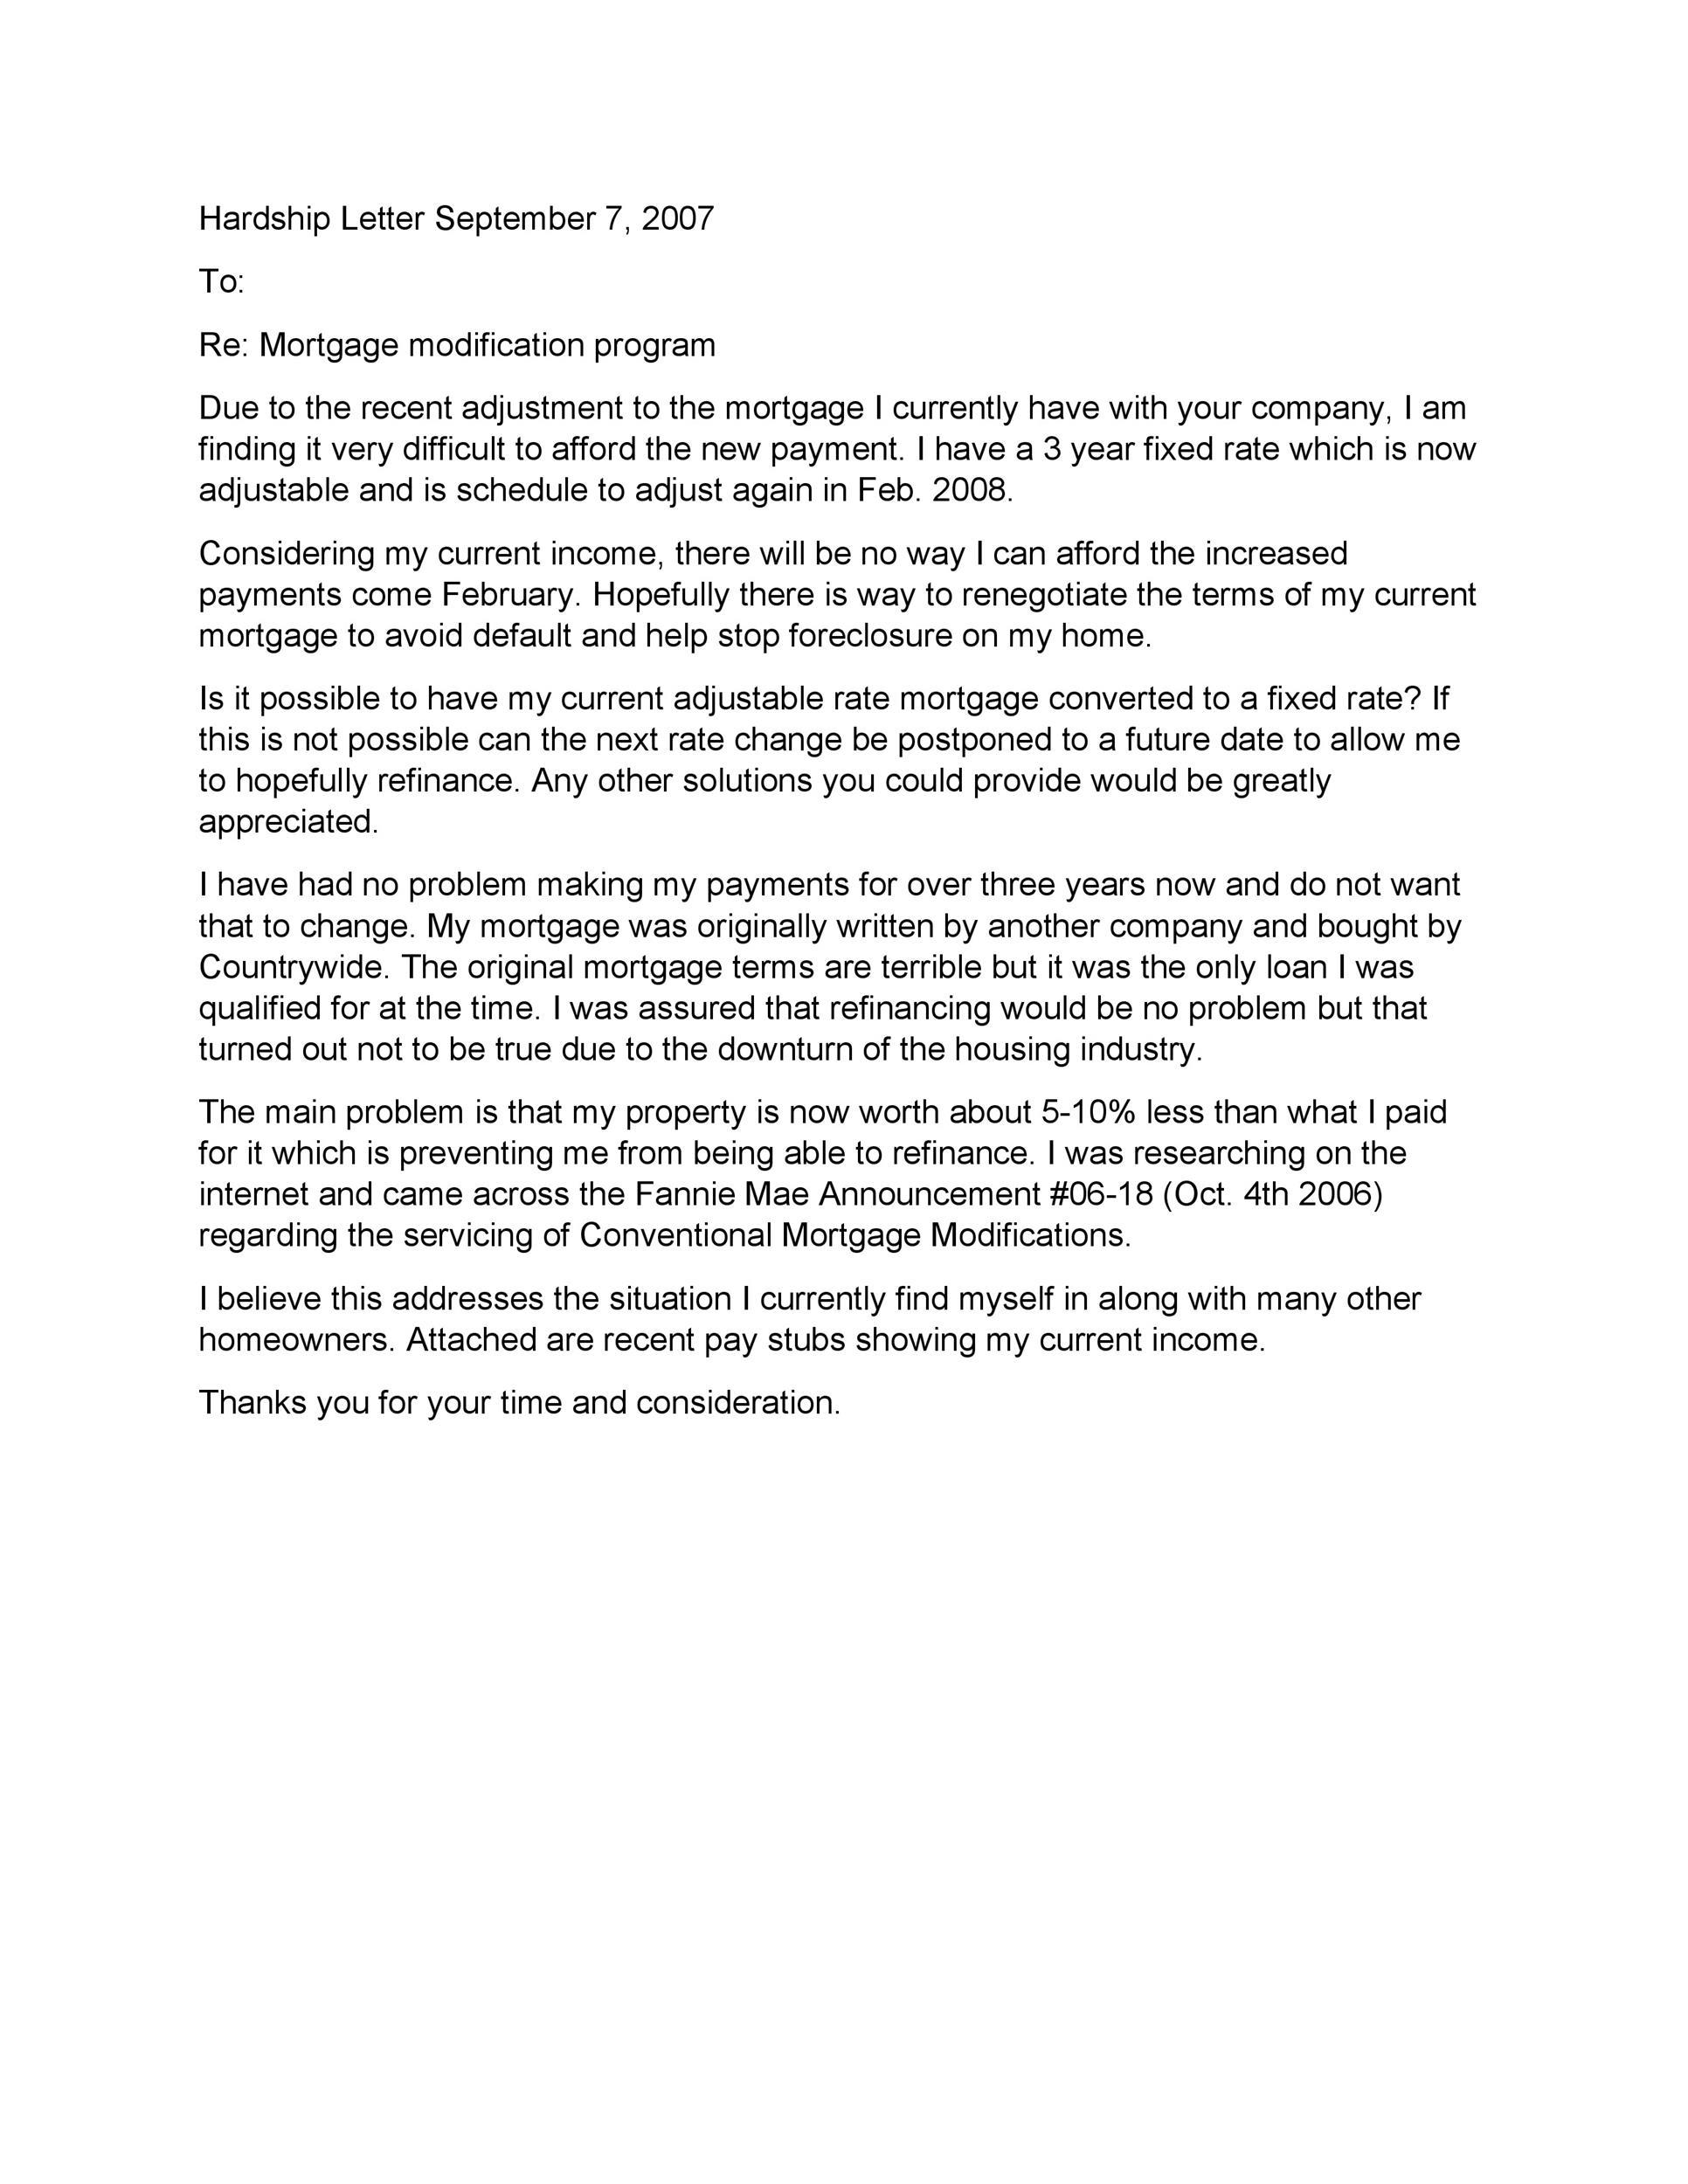 Sample Hardship Letter To Judge